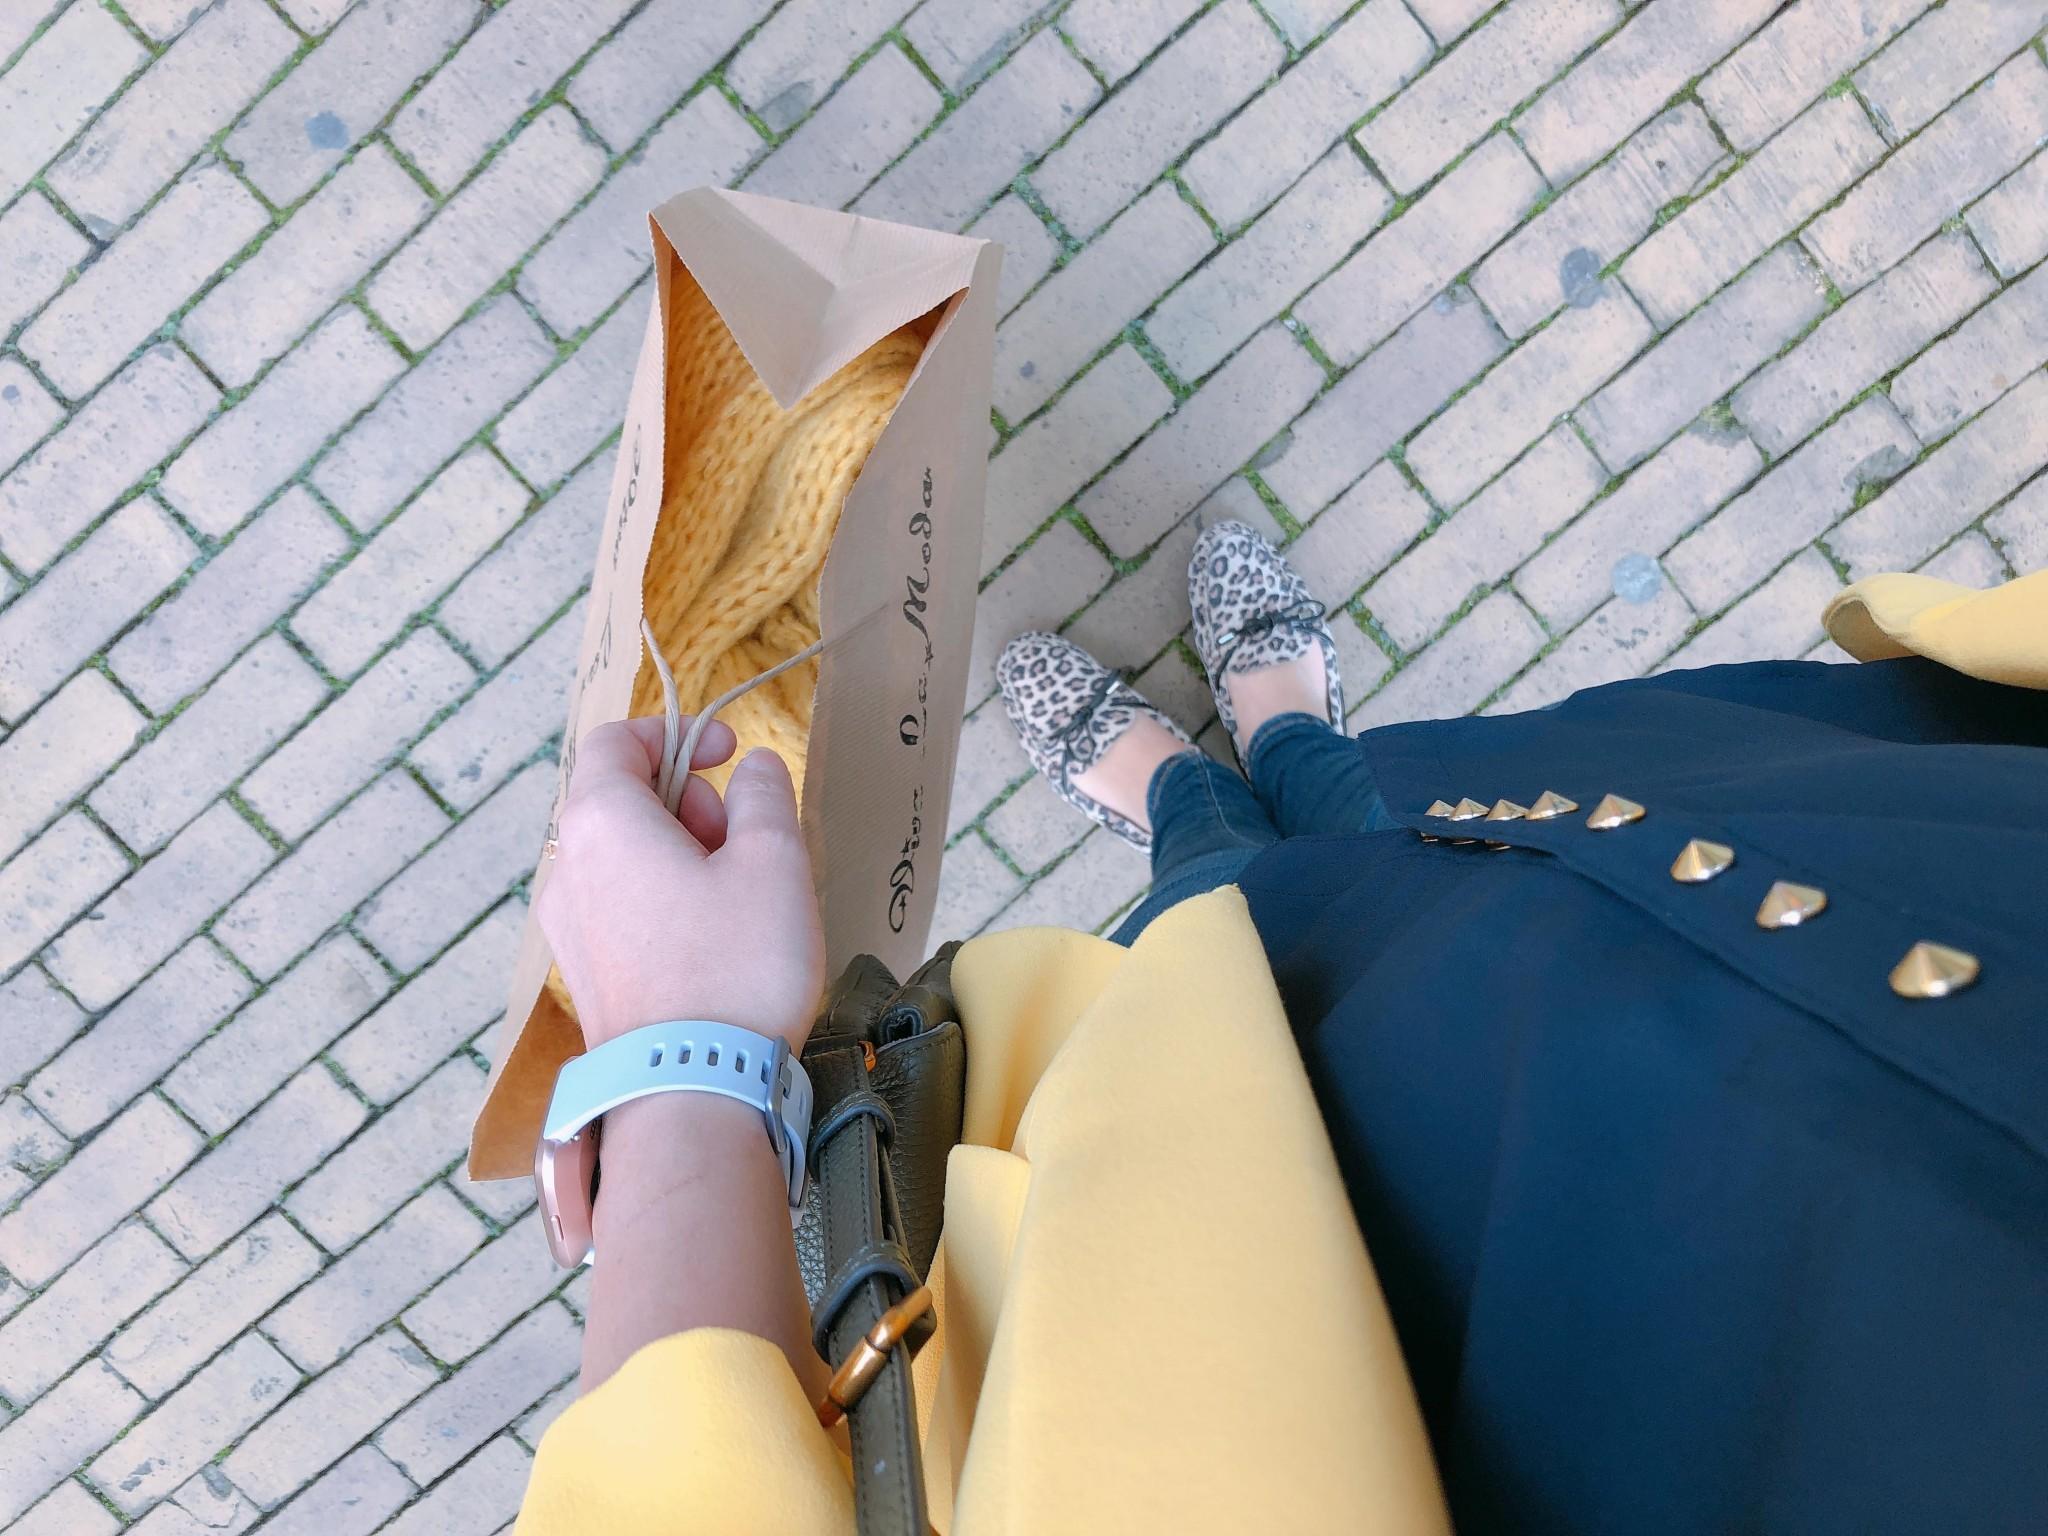 Elise's Weekly Pictorama - Laatste dagen vakantie & verlof